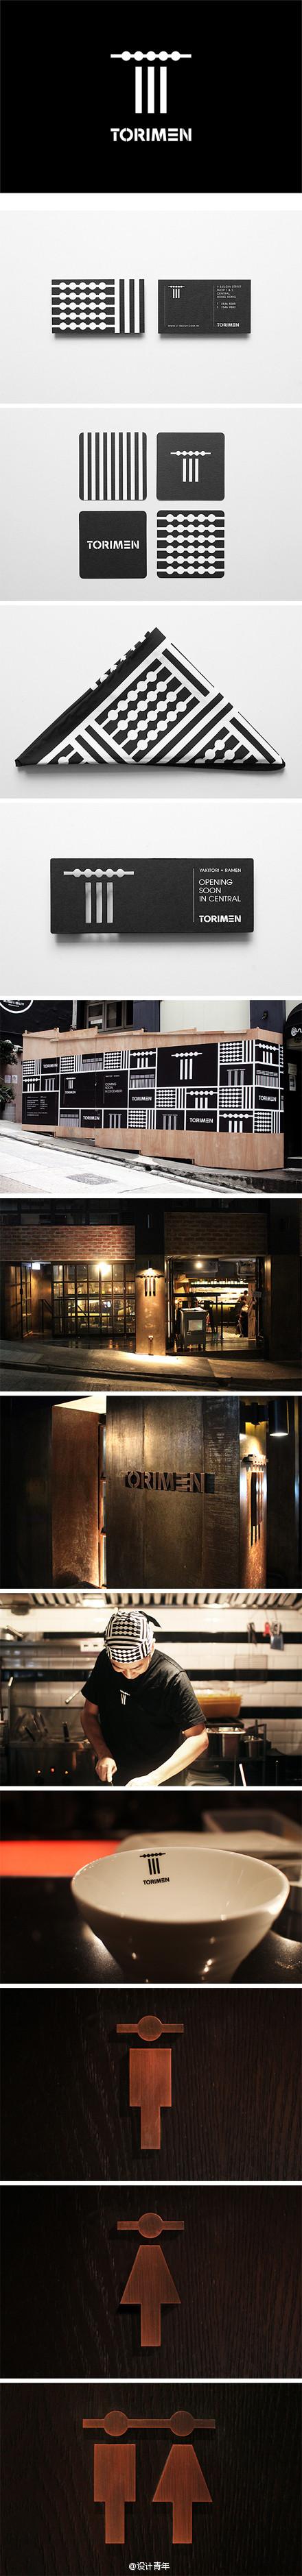 Torimen是一个新颖别致的串烧拉面店,位于香港中环的SOHO区。香港设计公司BLOW为其设计了一个现代化的、独特的标志,灵感来自串烧和拉面的形式。